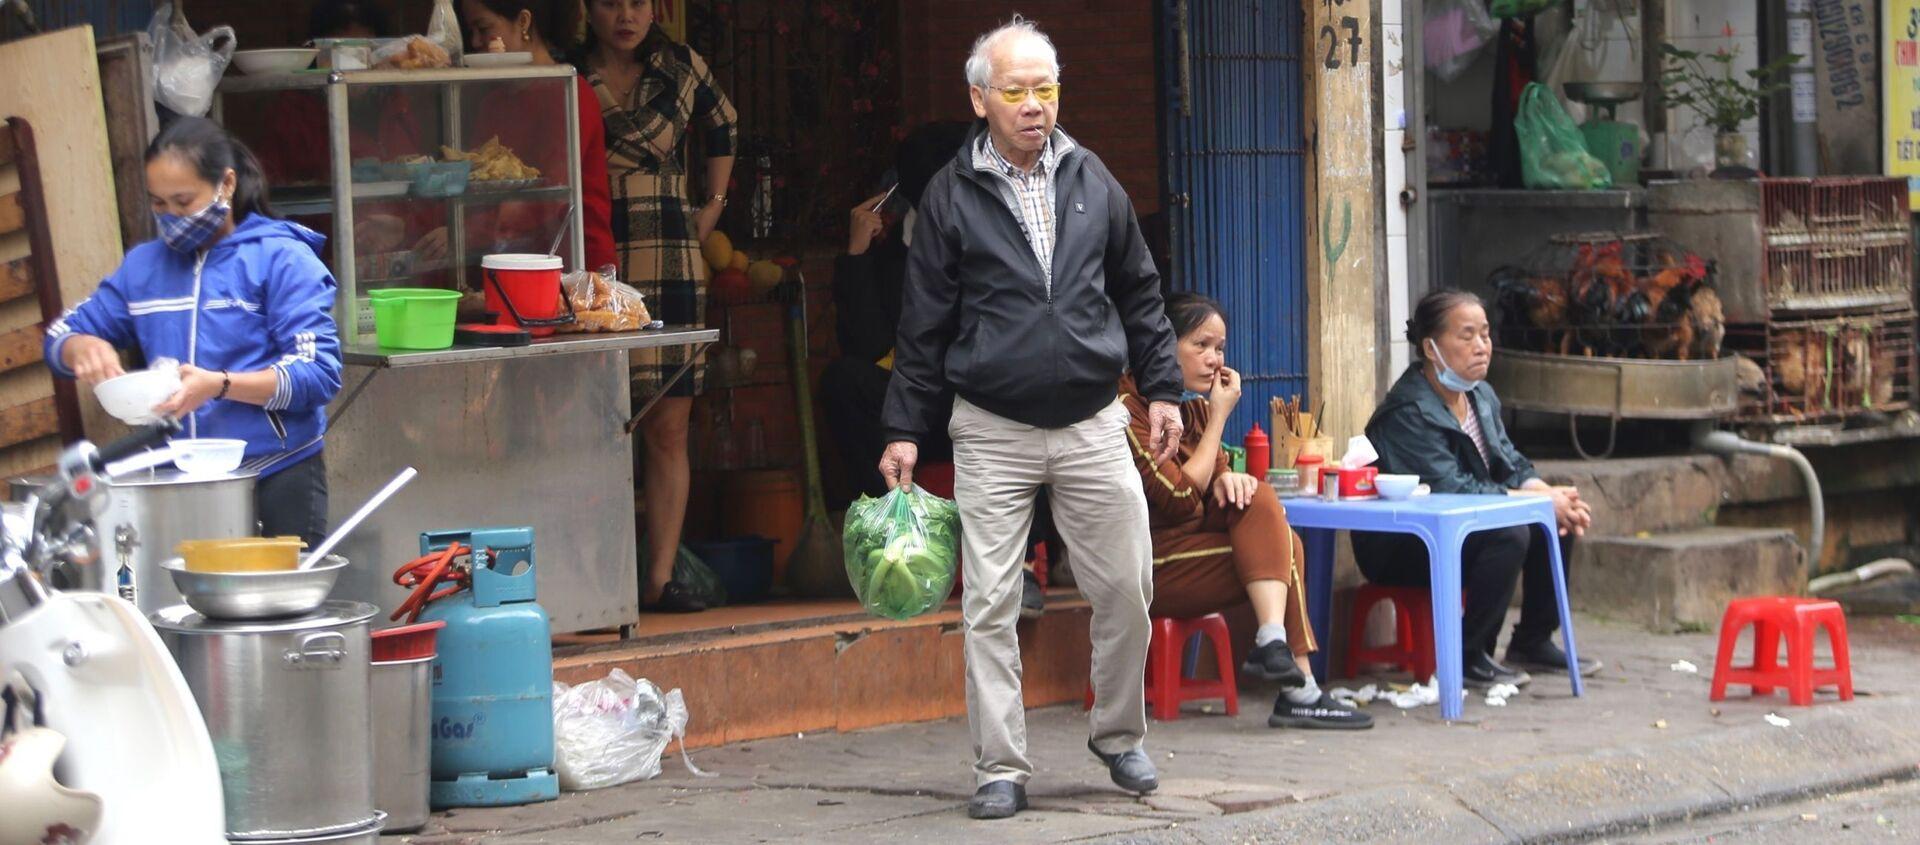 Nhiều người dân vẫn chưa thực hiện quy định về việc giãn cách và đeo khẩu trang nơi công cộng - Sputnik Việt Nam, 1920, 03.02.2021